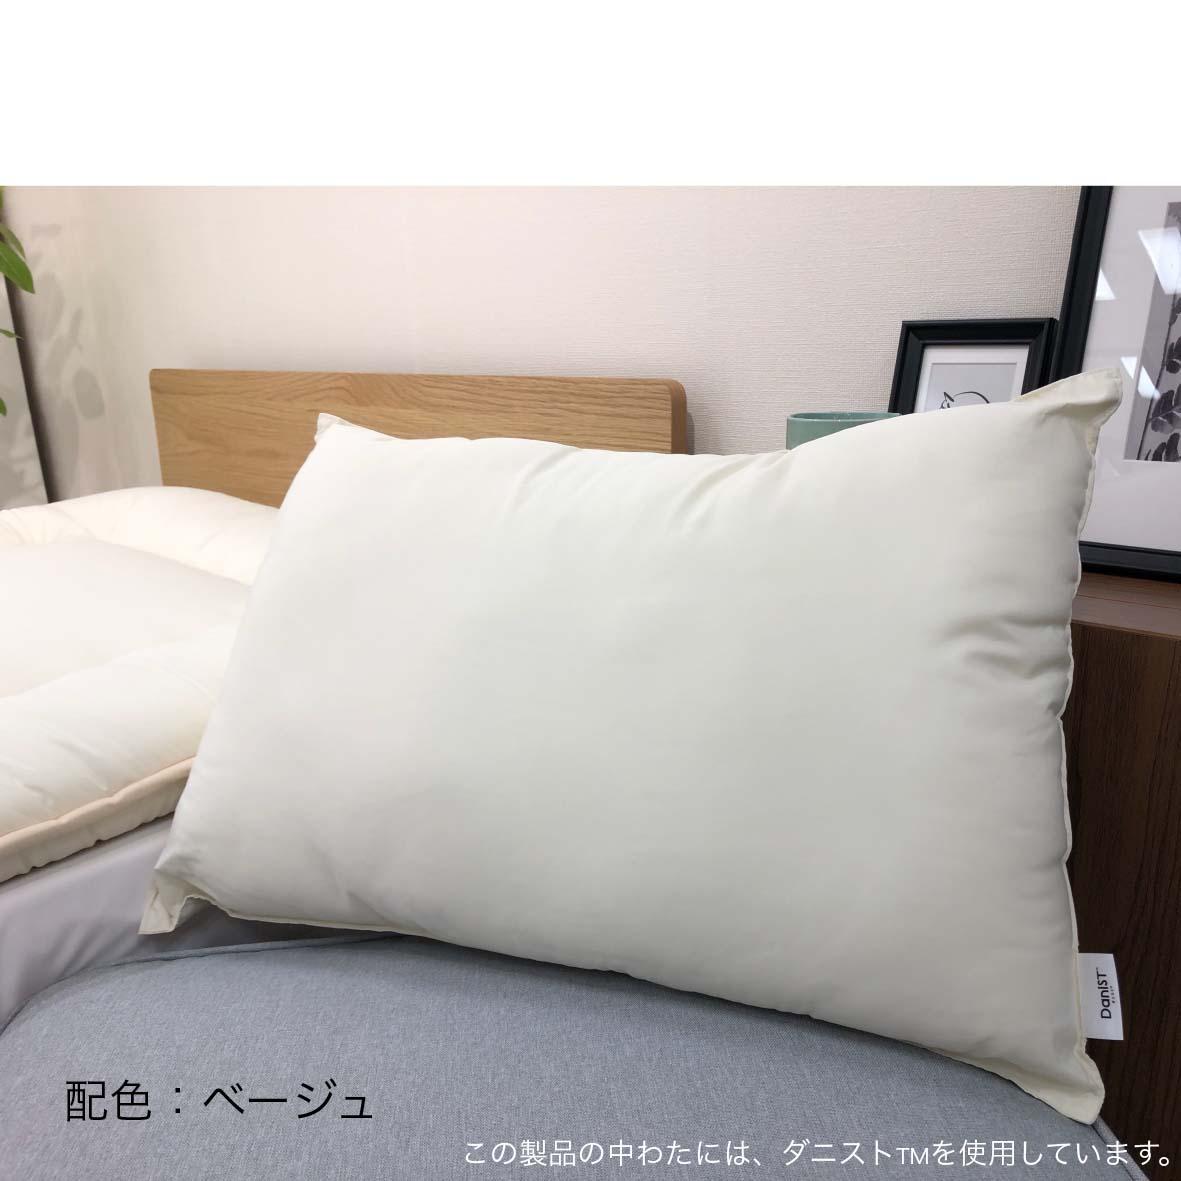 ダニストTM洗える防ダニ枕 (ネイビー、ベージュ)